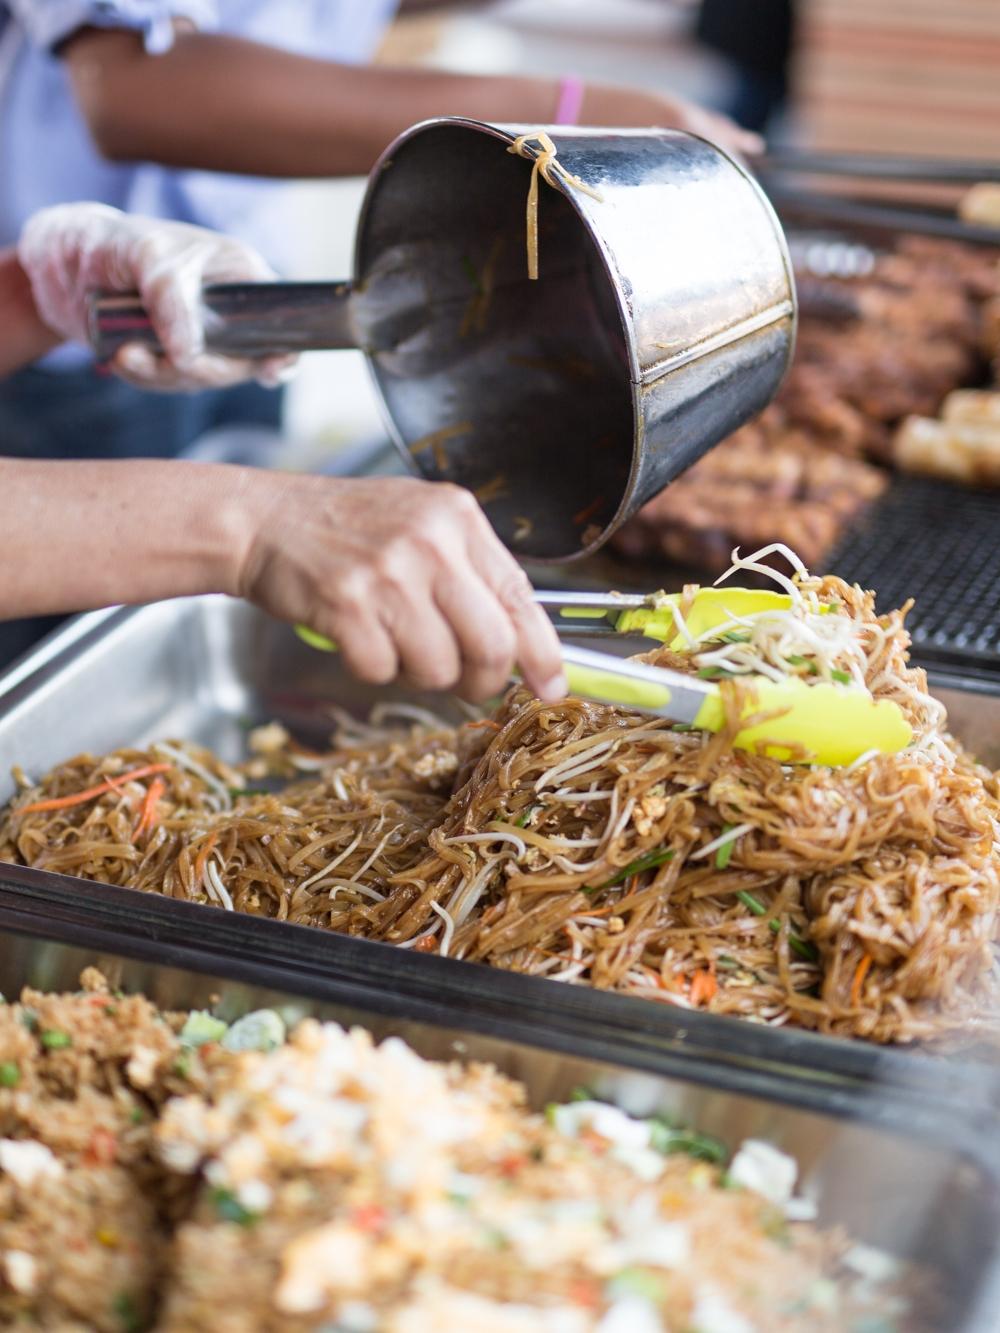 THAI KITCHEN - Sweet, sour and savoury Thai street food